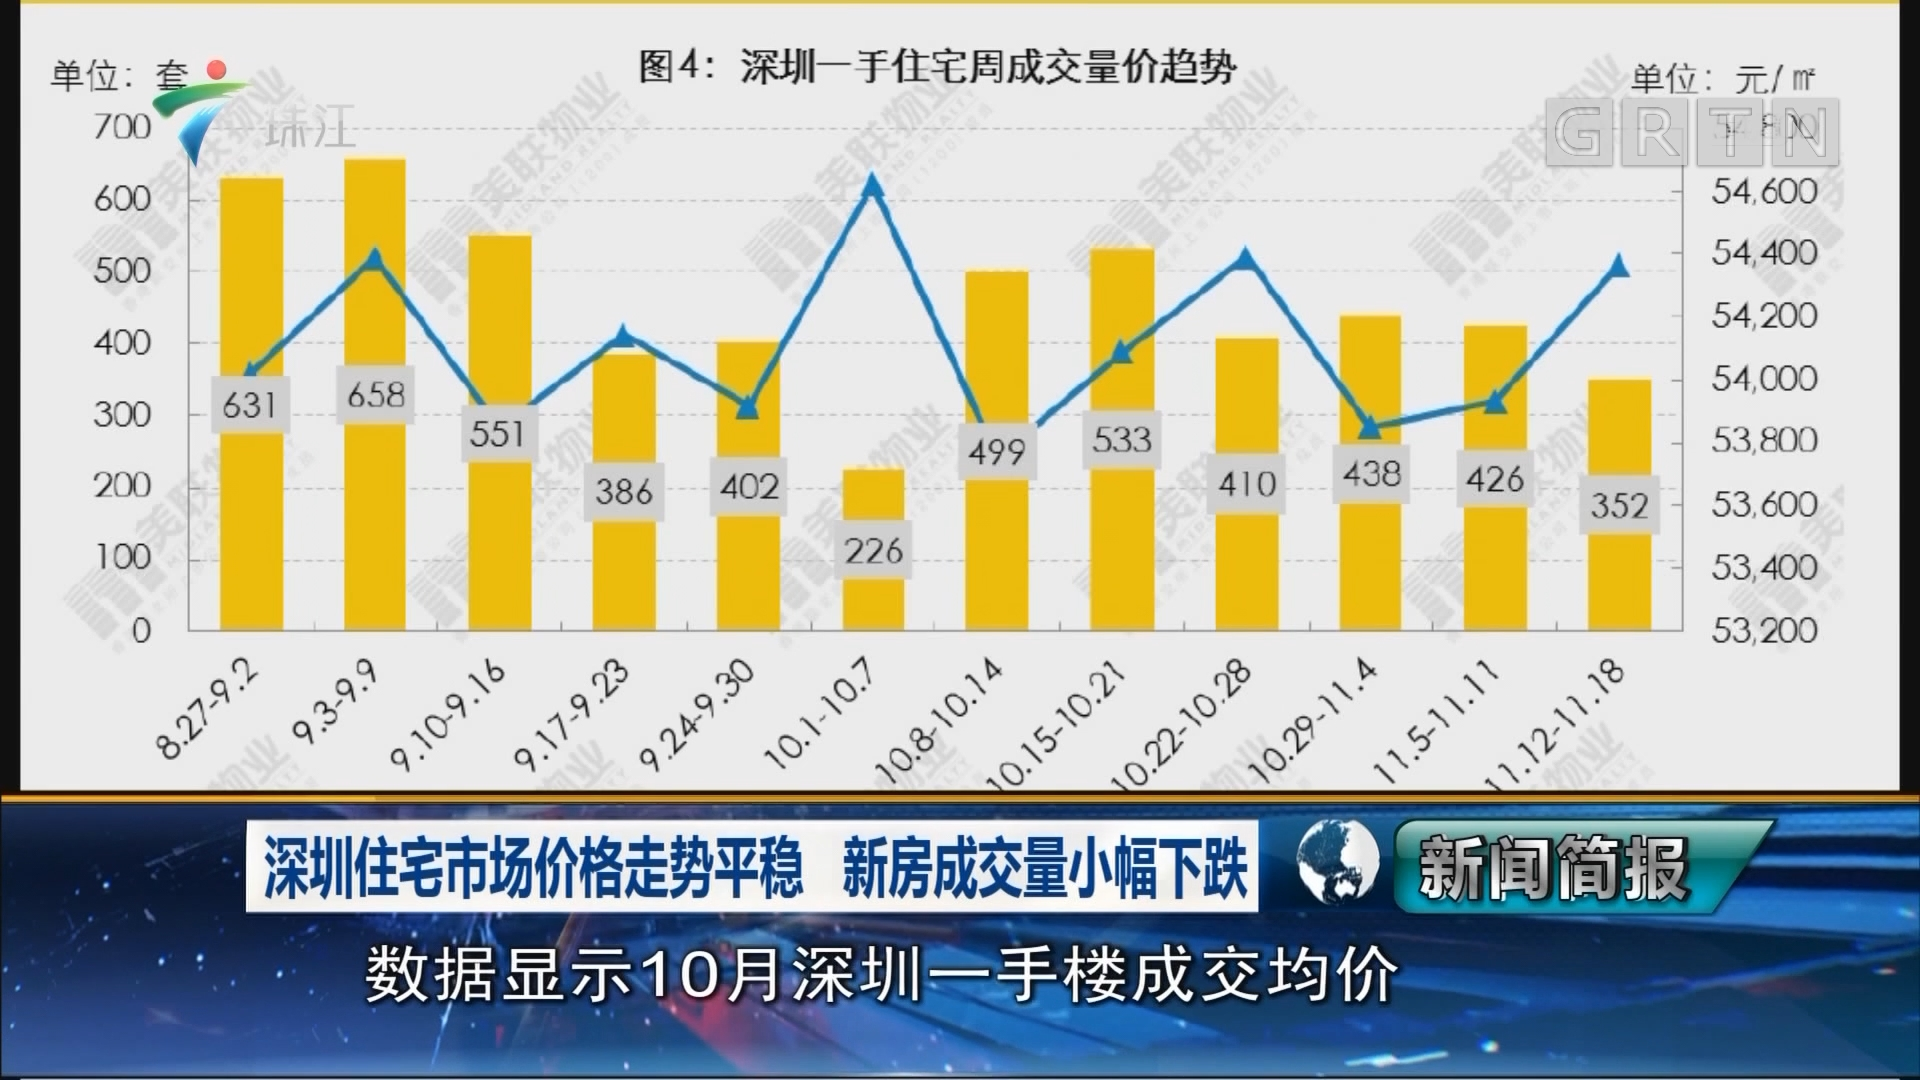 深圳住宅市场价格走势平稳 新房成交量小幅下跌